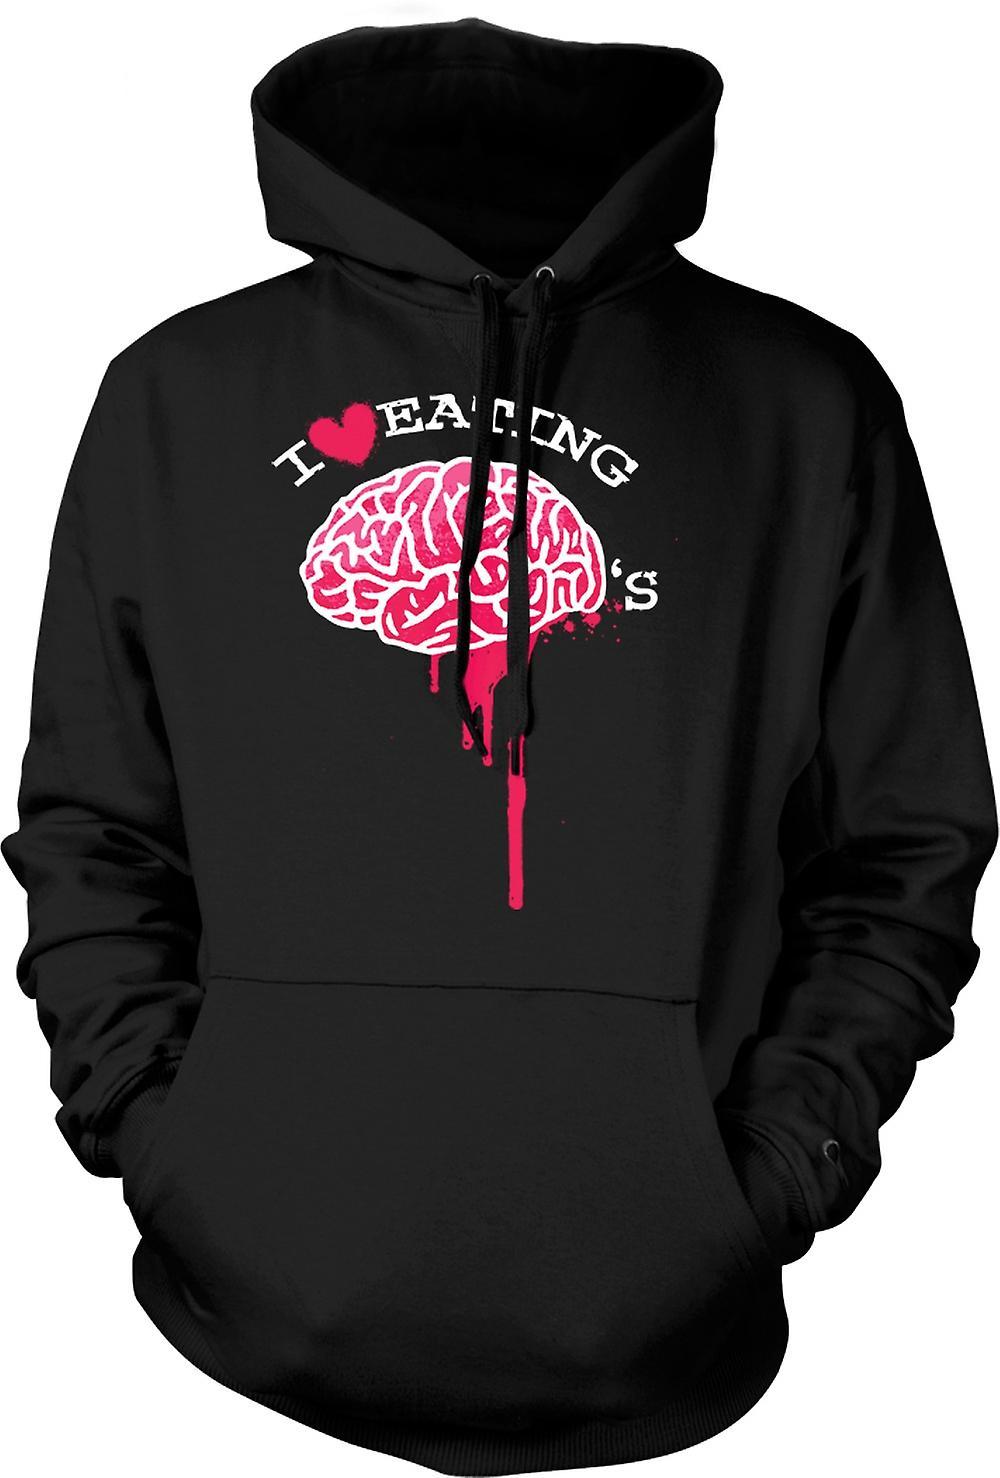 Mens-Hoodie - ich liebe Essen Gehirne - Zombie - lustig